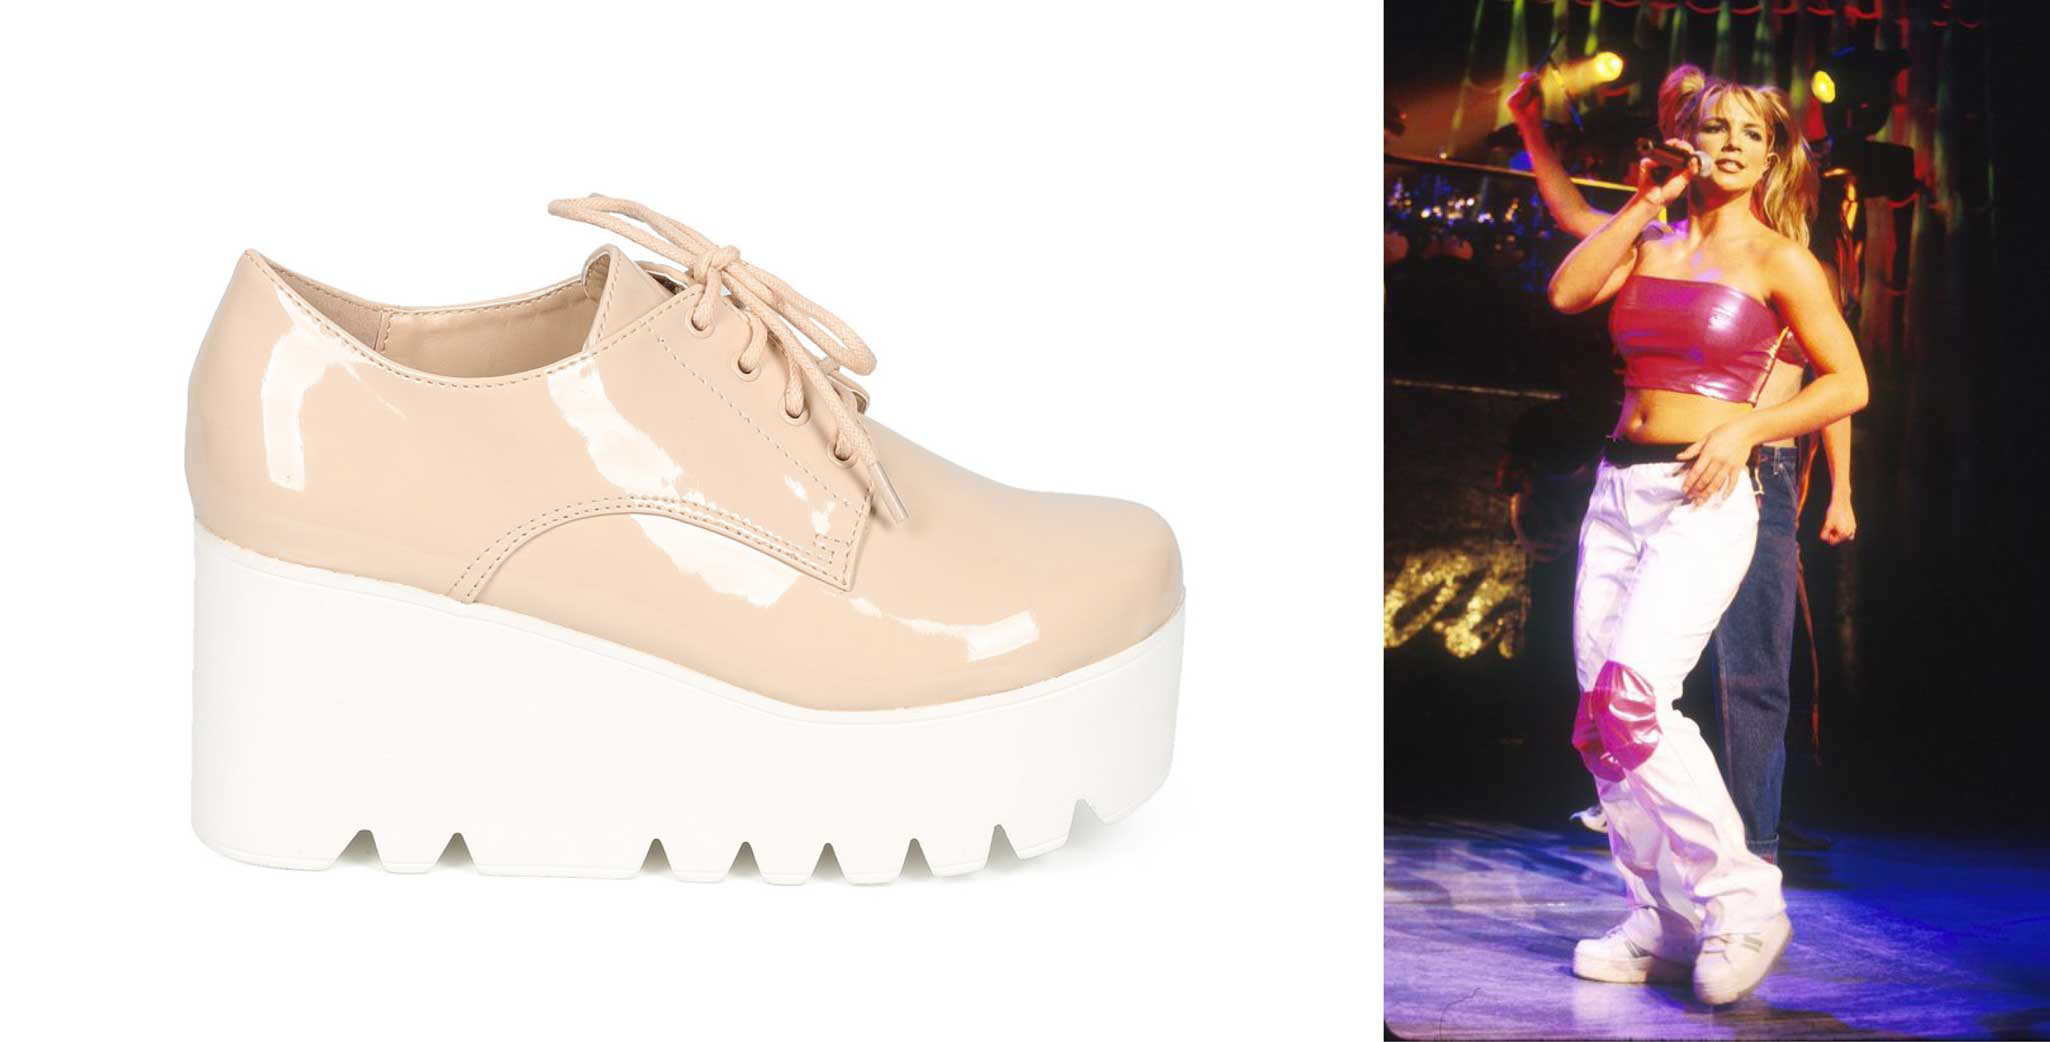 Platform shoes - 1990s women shoes